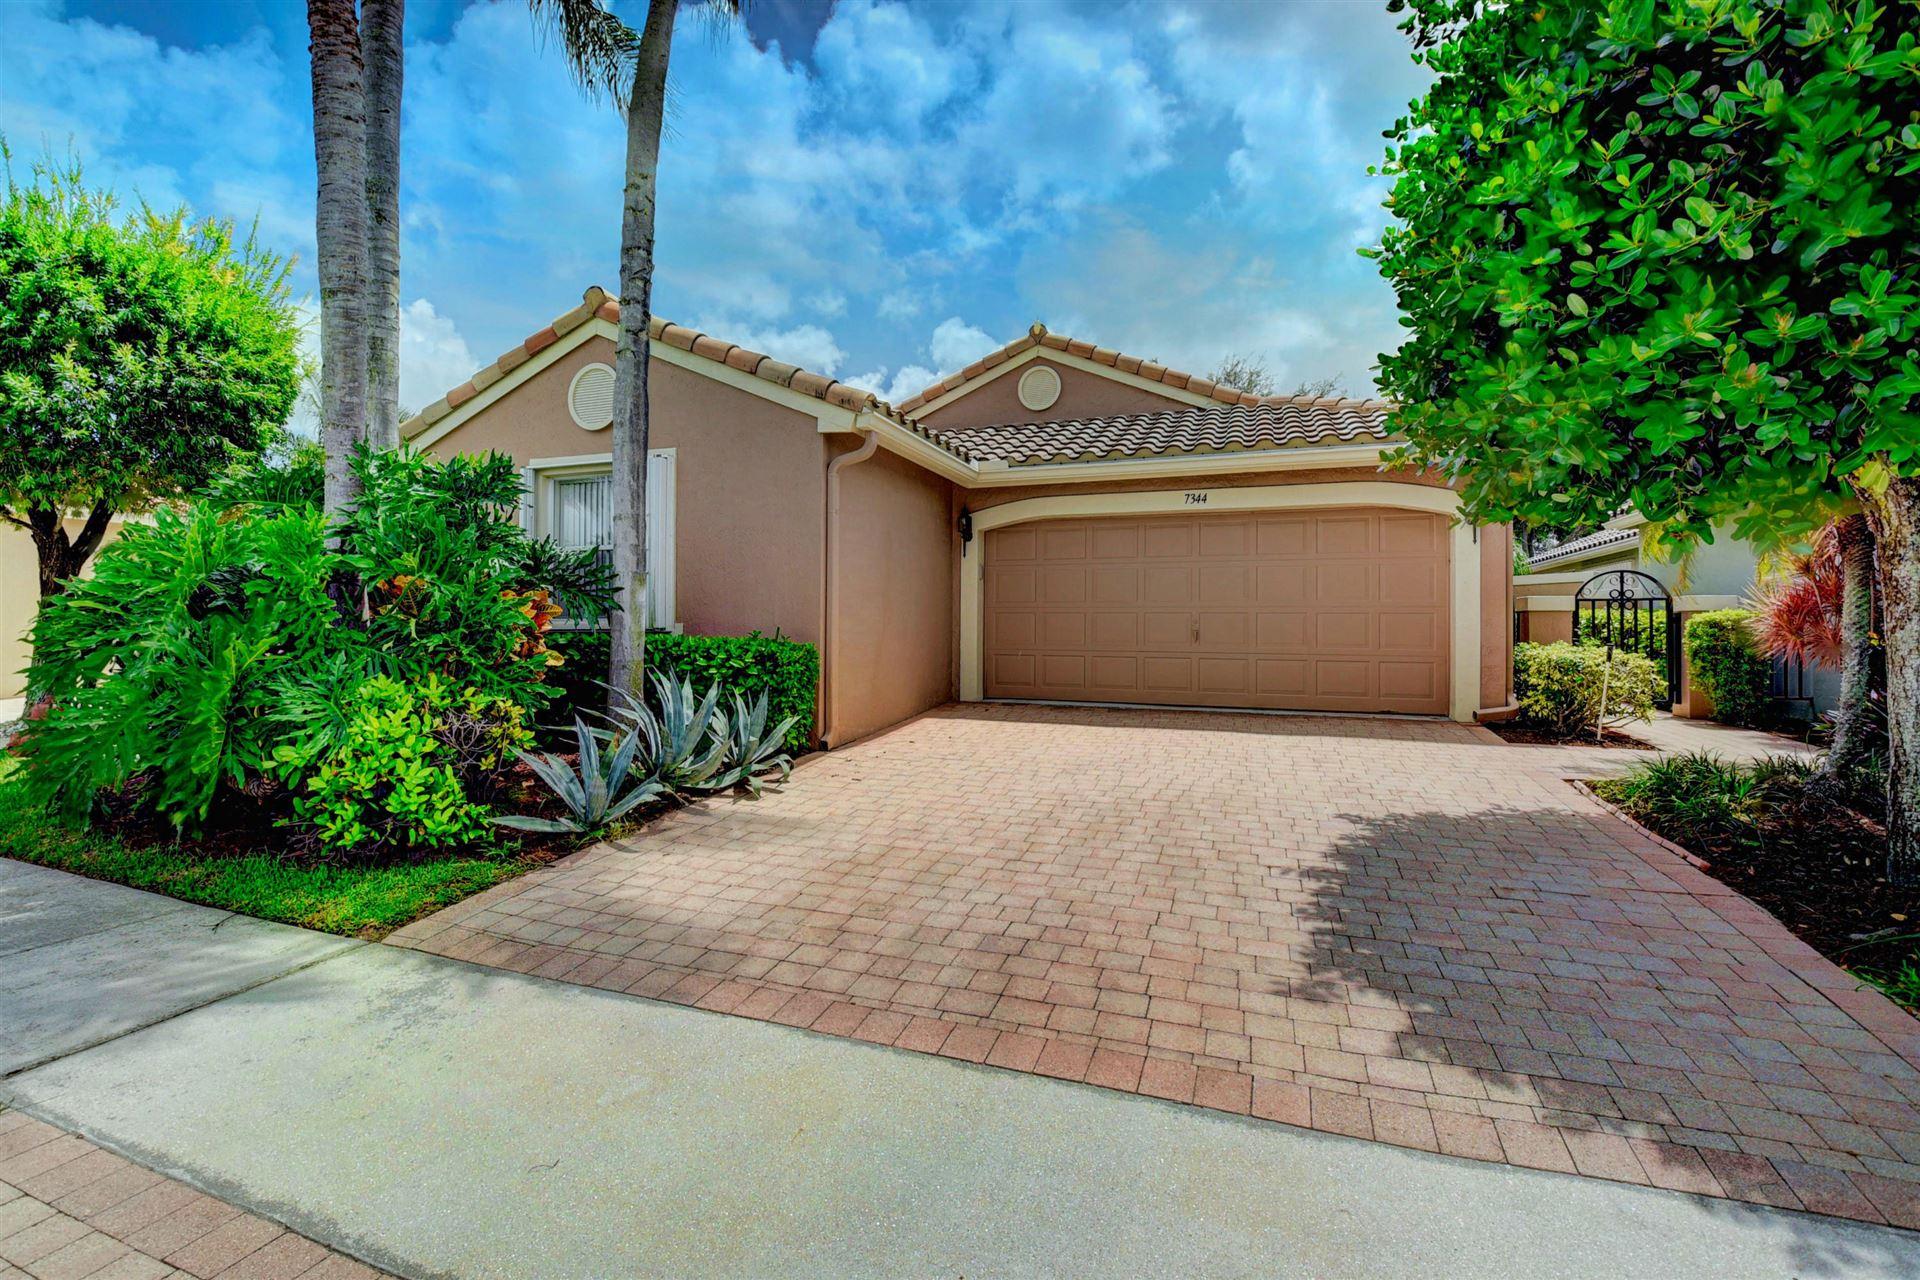 7344 Granville Avenue, Boynton Beach, FL 33437 - #: RX-10647710